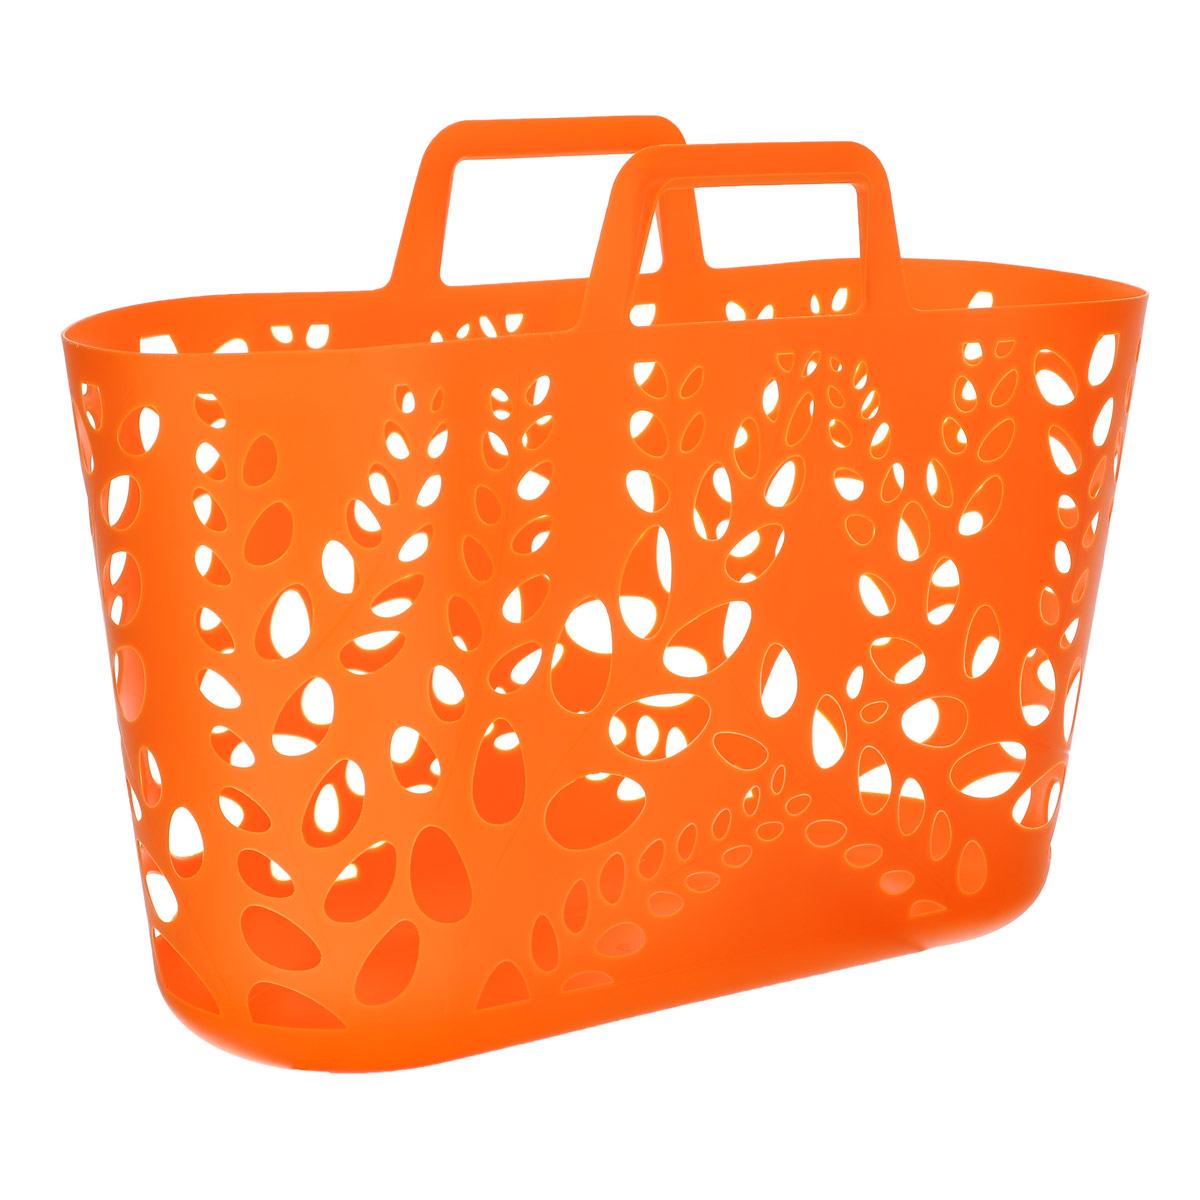 Корзина универсальная Econova, цвет: оранжевый, 55 см х 17 см х 39,5 см74-0120Универсальная корзина Econova, изготовленная из пластика, отлично подойдет для хранения различных бытовых вещей. Корпус корзины декорирован перфорацией. Благодаря двум ручкам ее легко переносить с места на место.